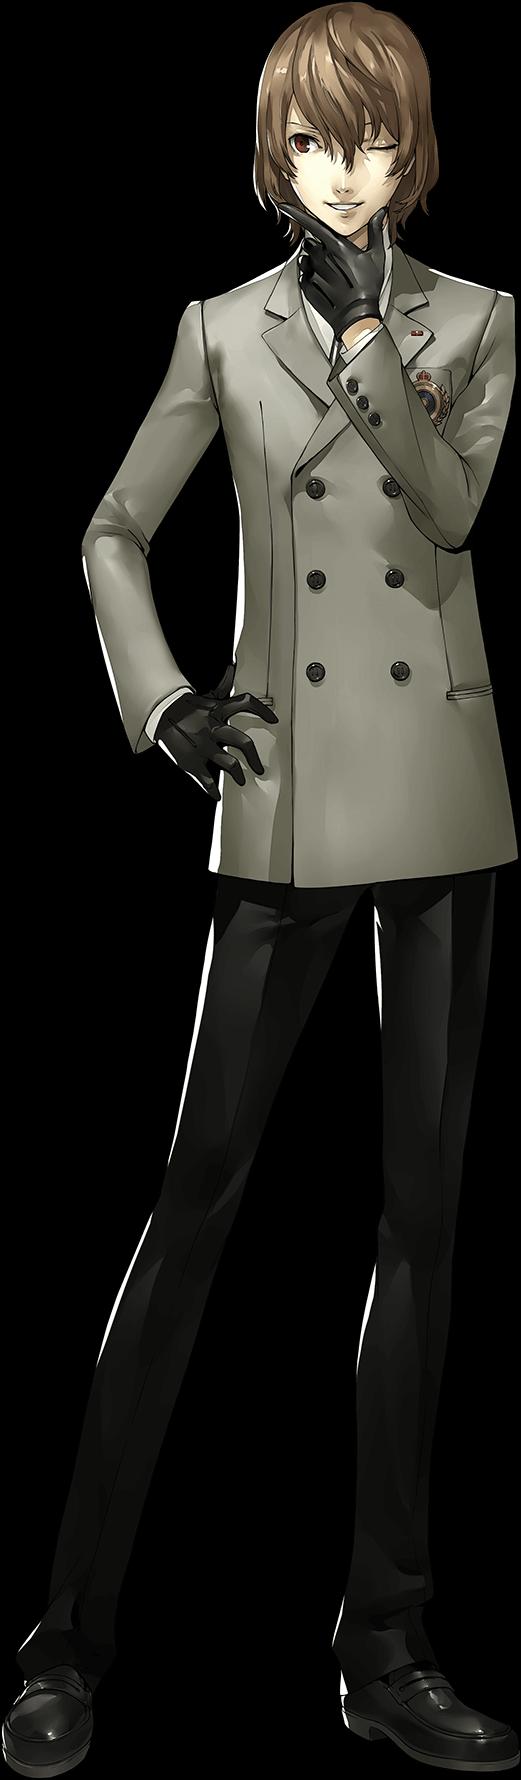 Goro Akechi